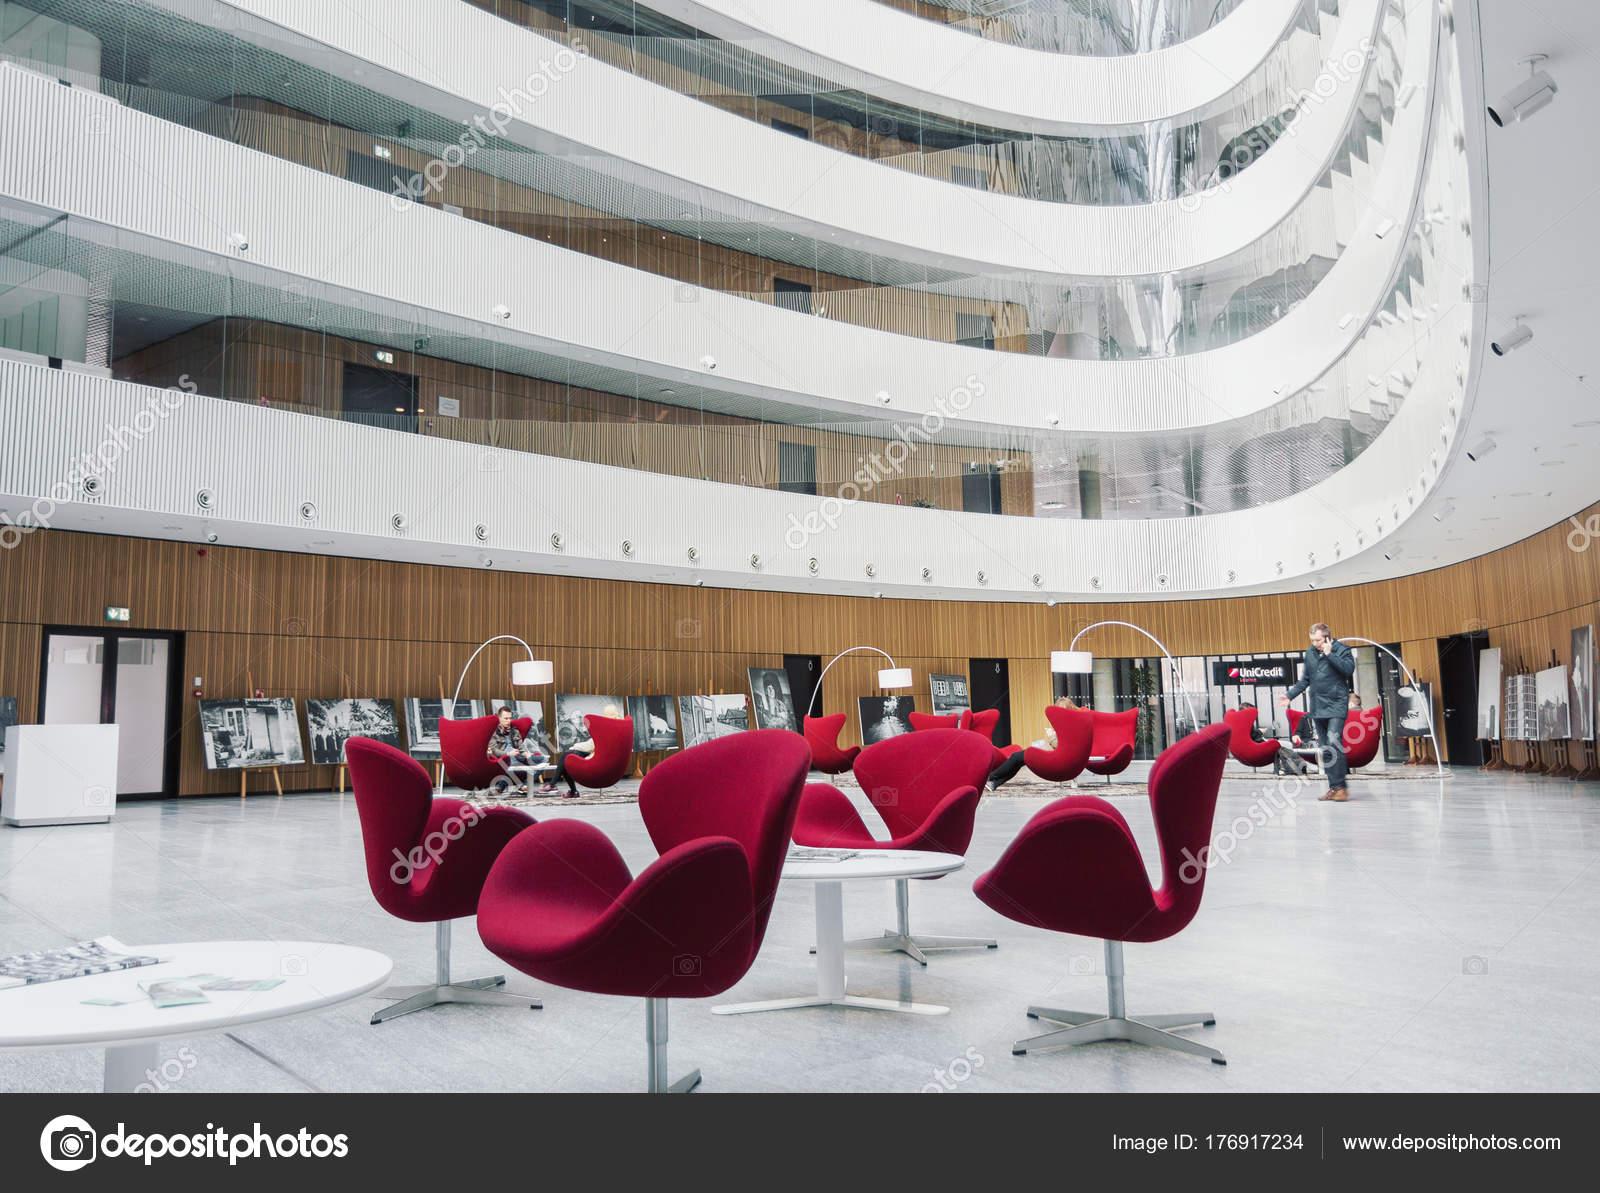 Innenarchitektur Halle modernes business center warten halle innenarchitektur